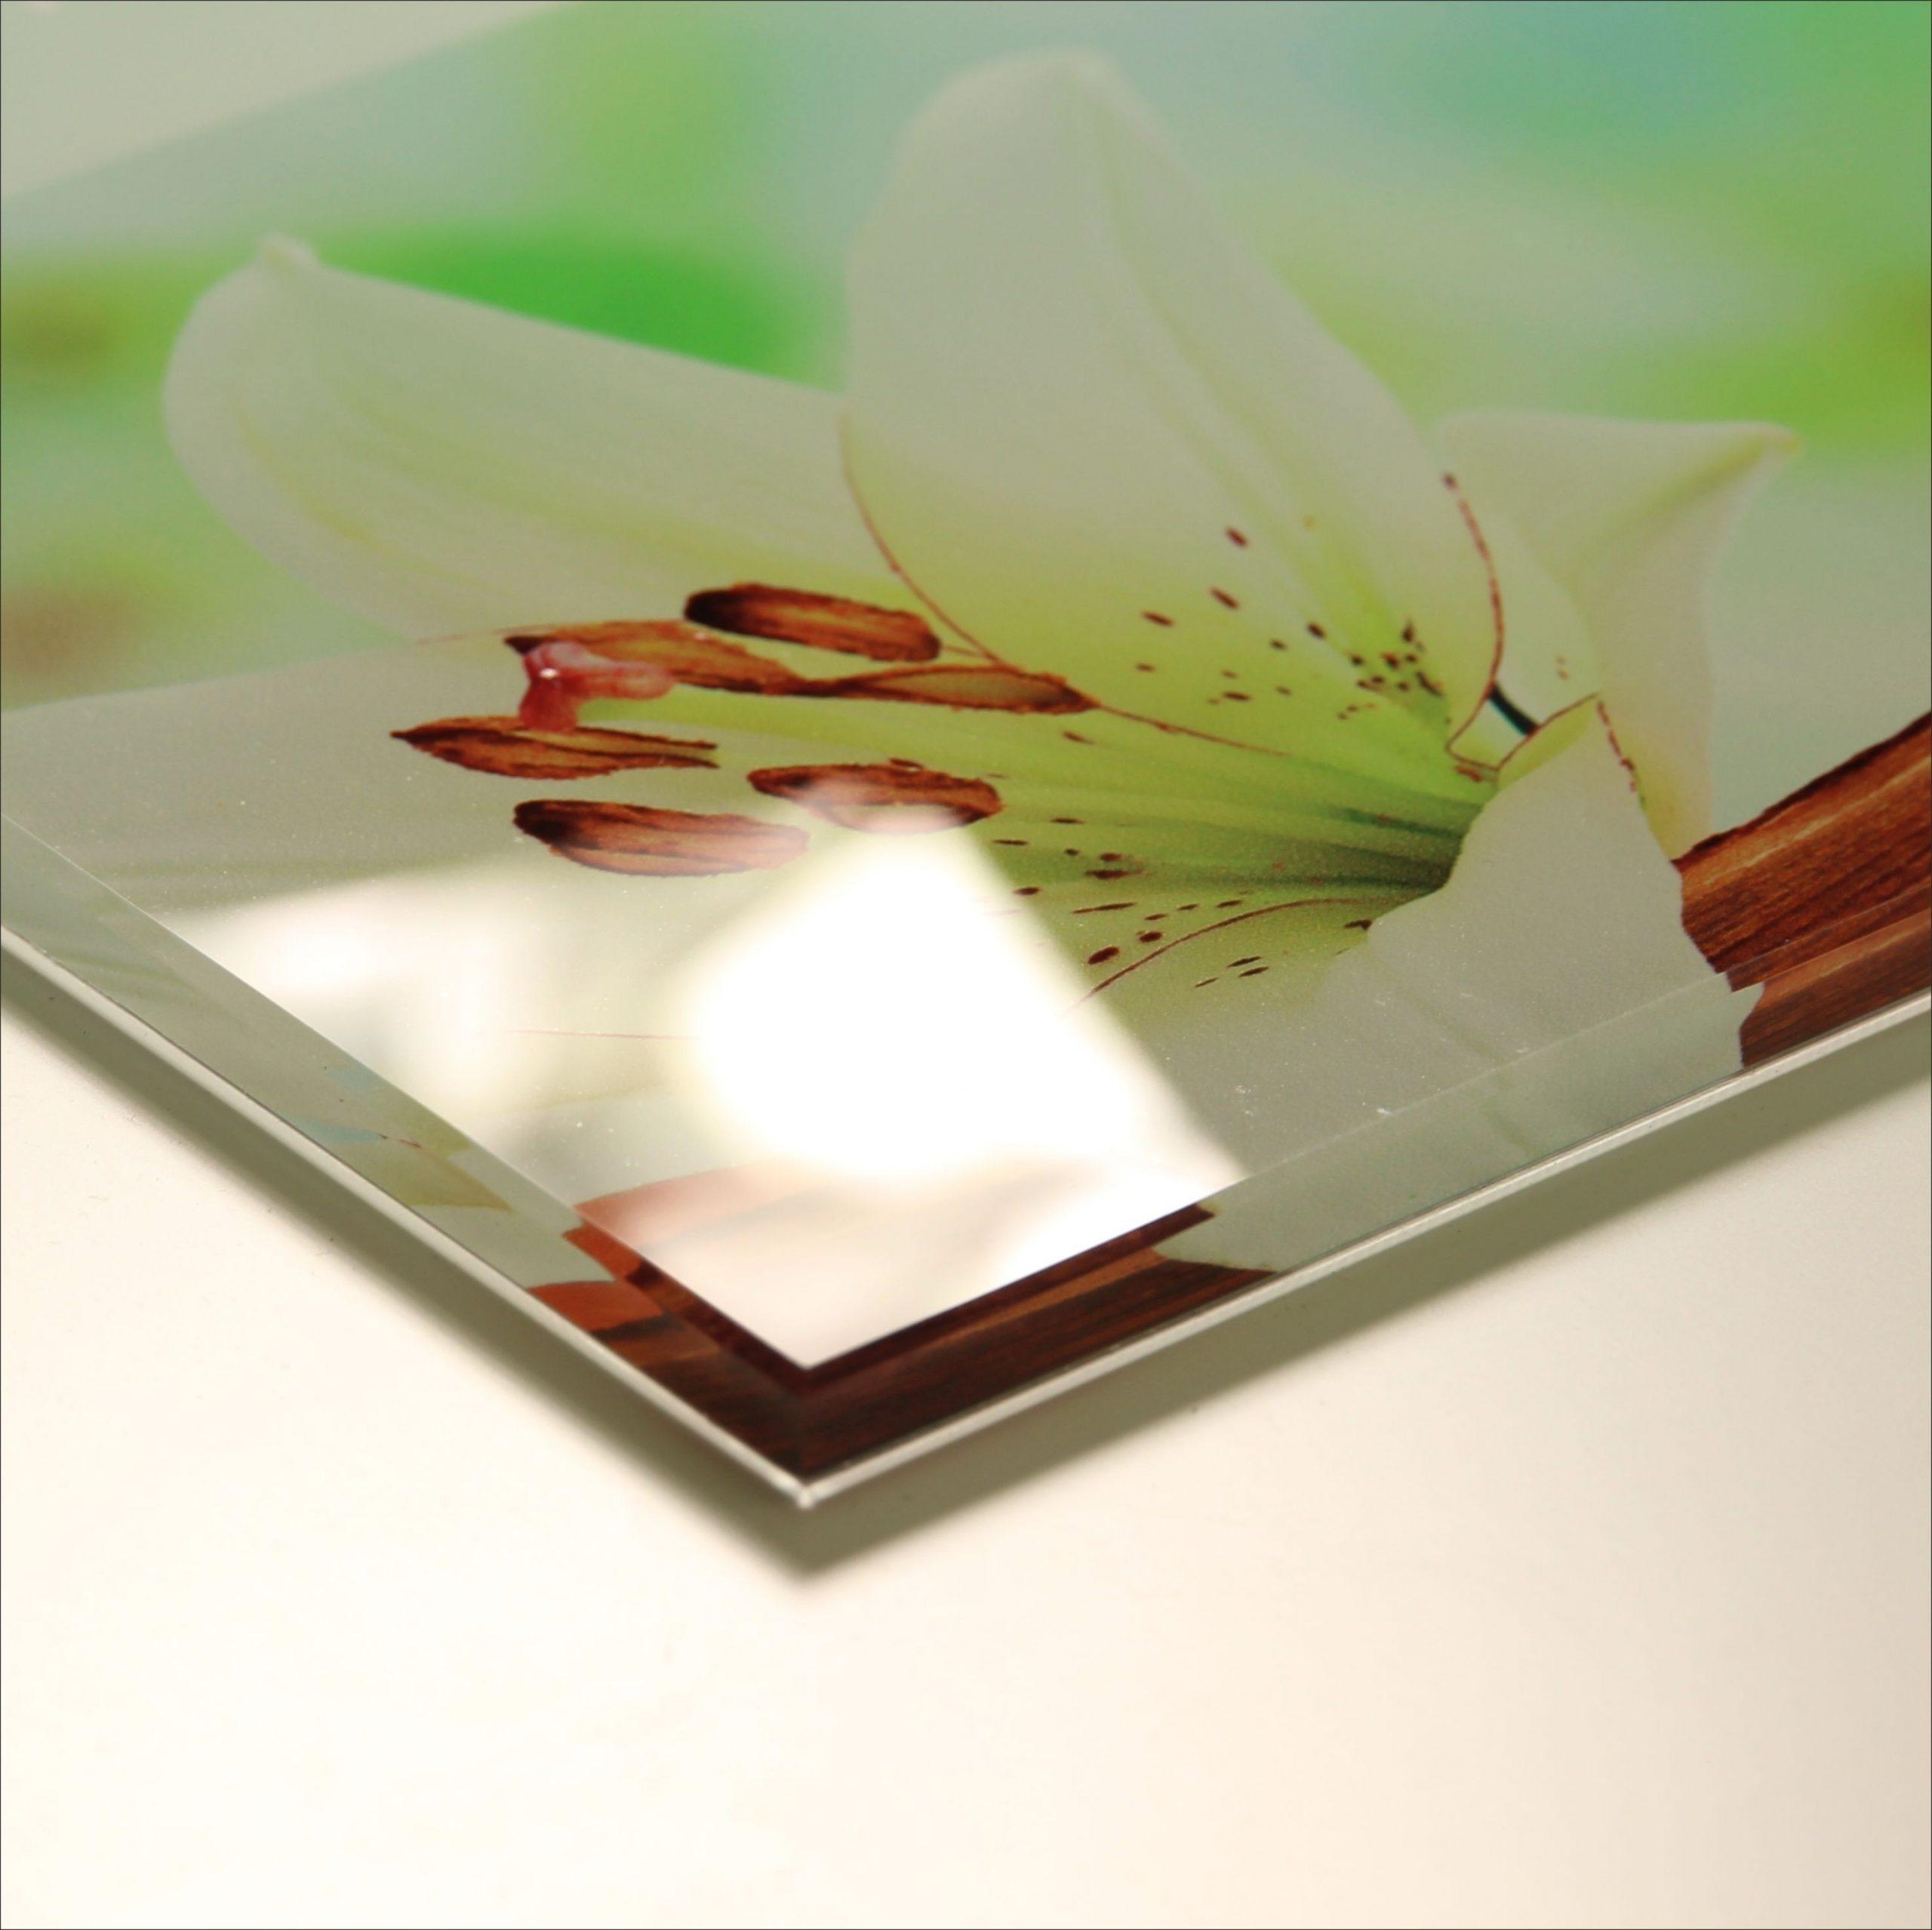 Full Size of Fliesenspiegel Küche Glas Led Beleuchtete Kchenrckwand Aus Esg Industrie Mit Elektrogeräten Günstig Weiße Bodenbelag Einbauküche Ohne Kühlschrank Küche Fliesenspiegel Küche Glas